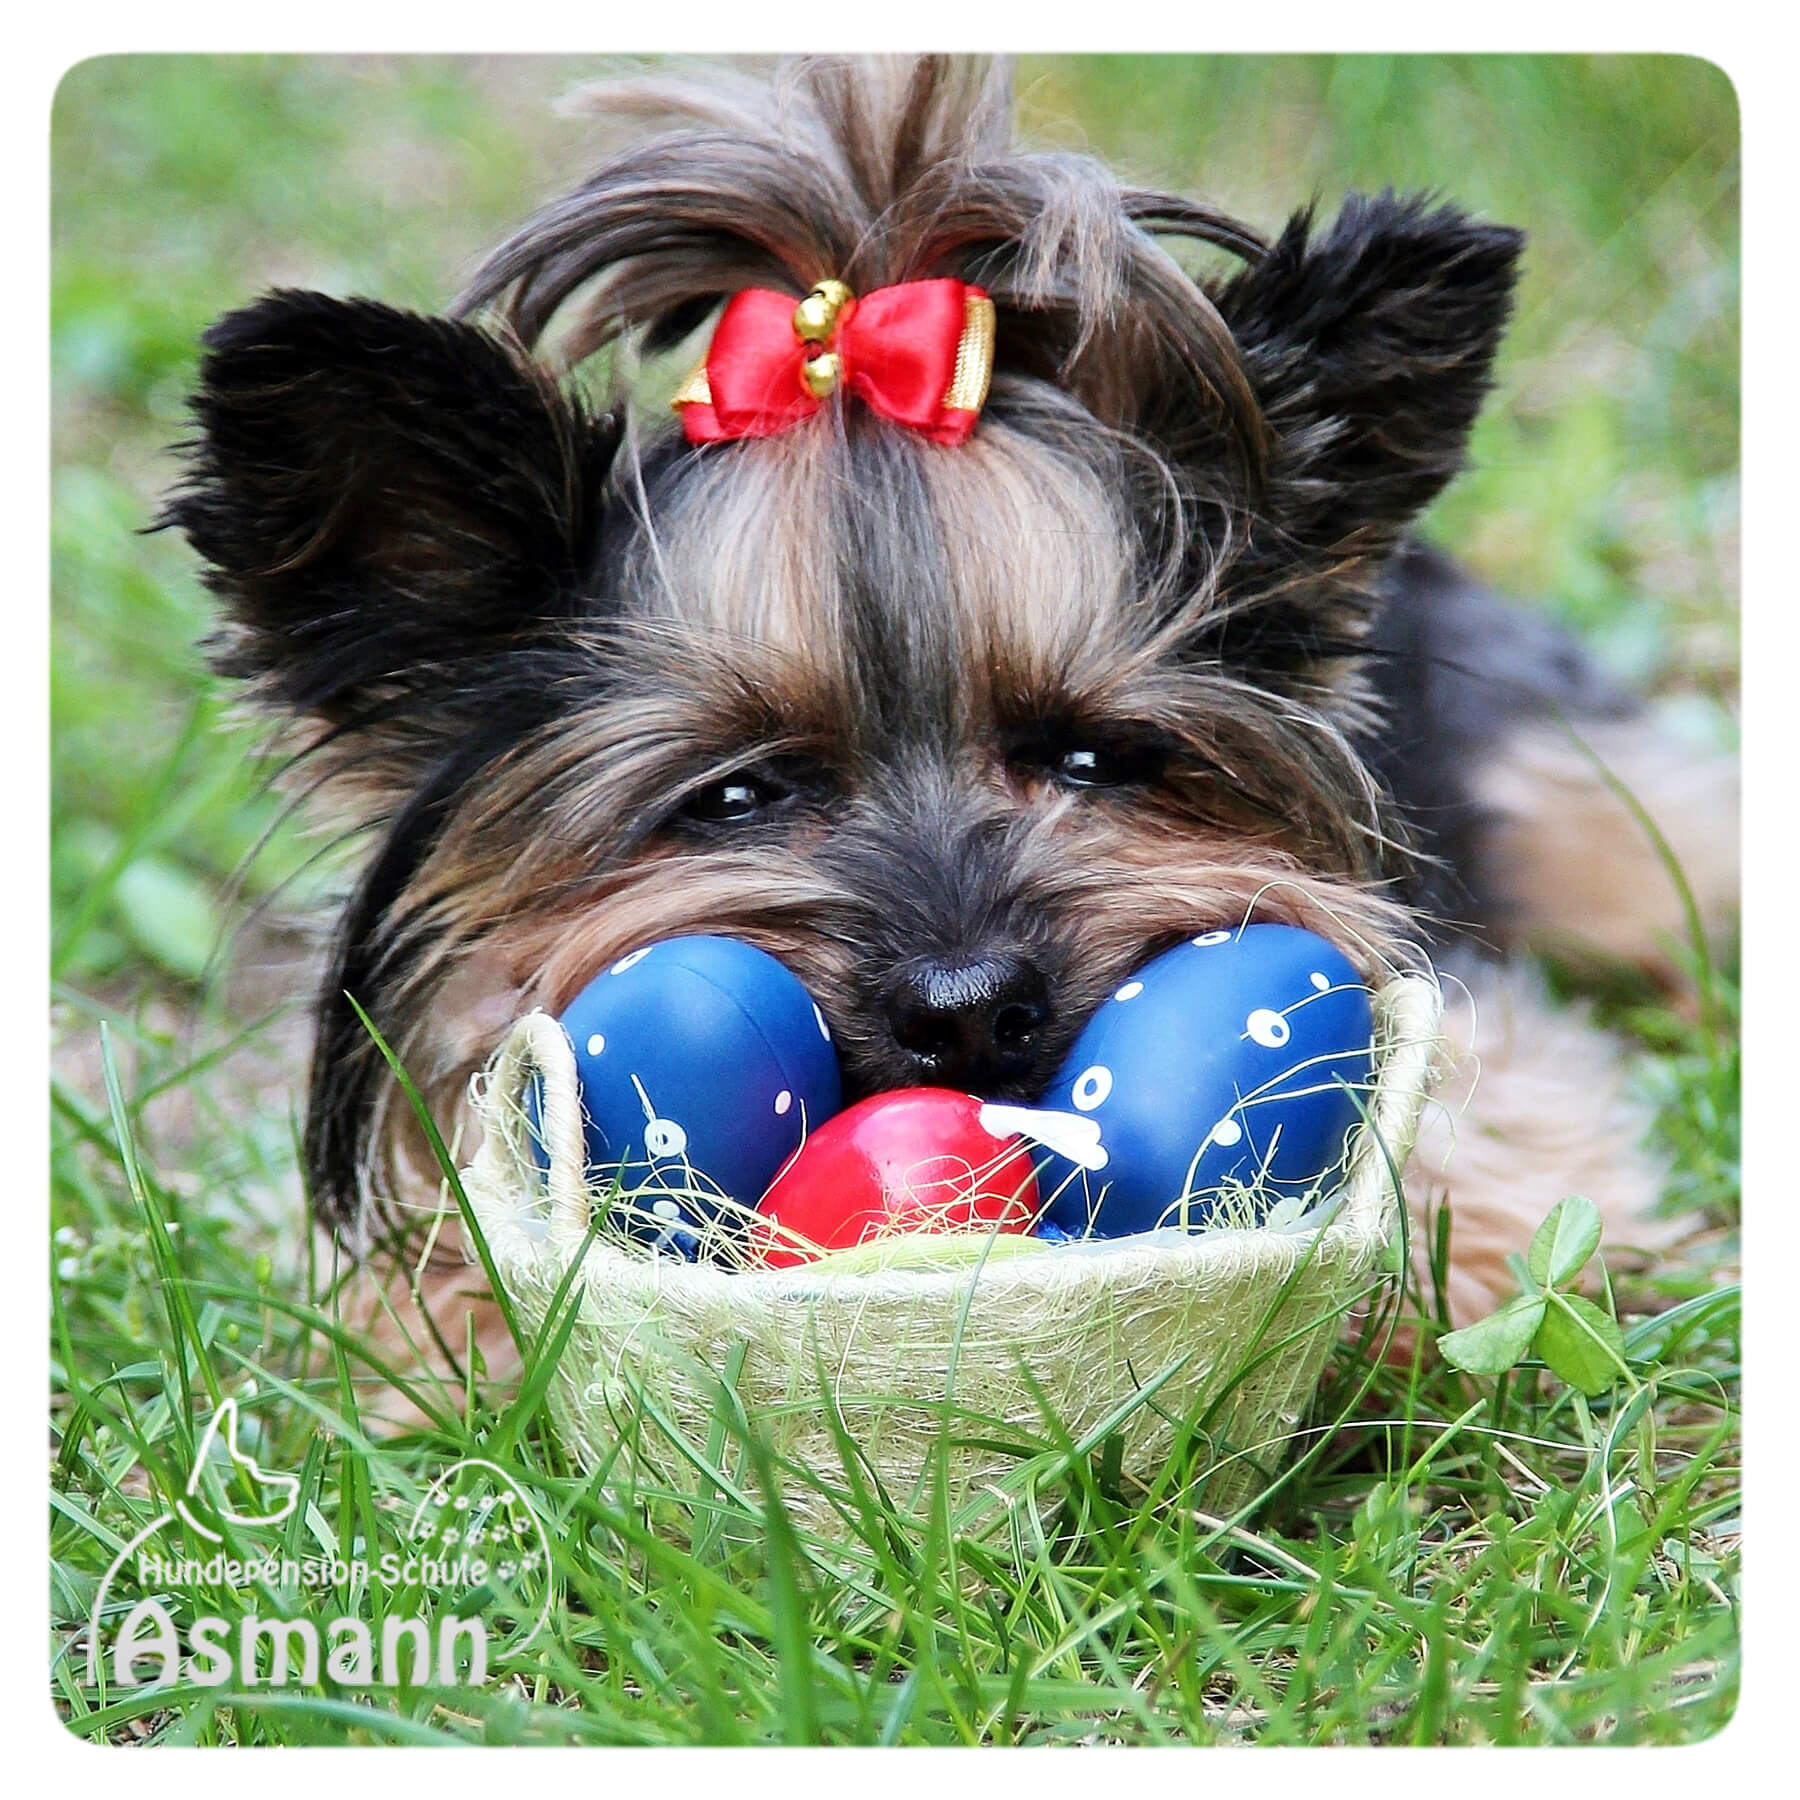 Frohe Ostern wünscht die Hundepension Asmann